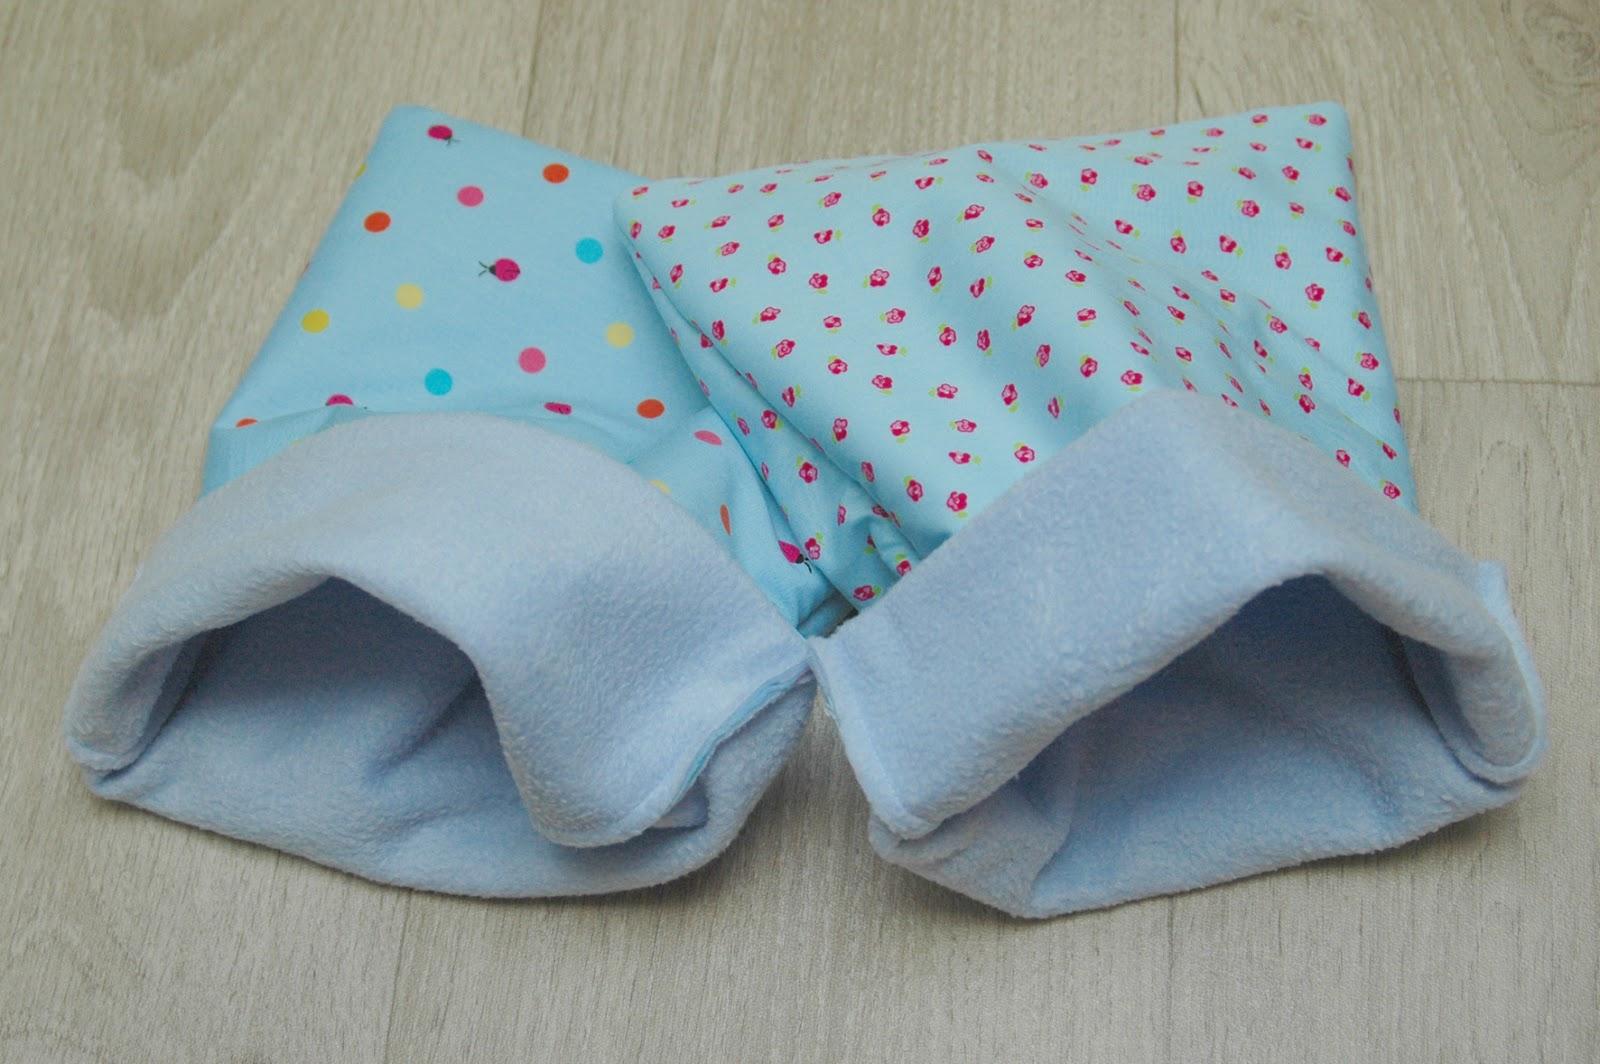 Kleine kunstwerkjes twee slaapzakken voor een cavia for Kleine vijverfilter zelf maken